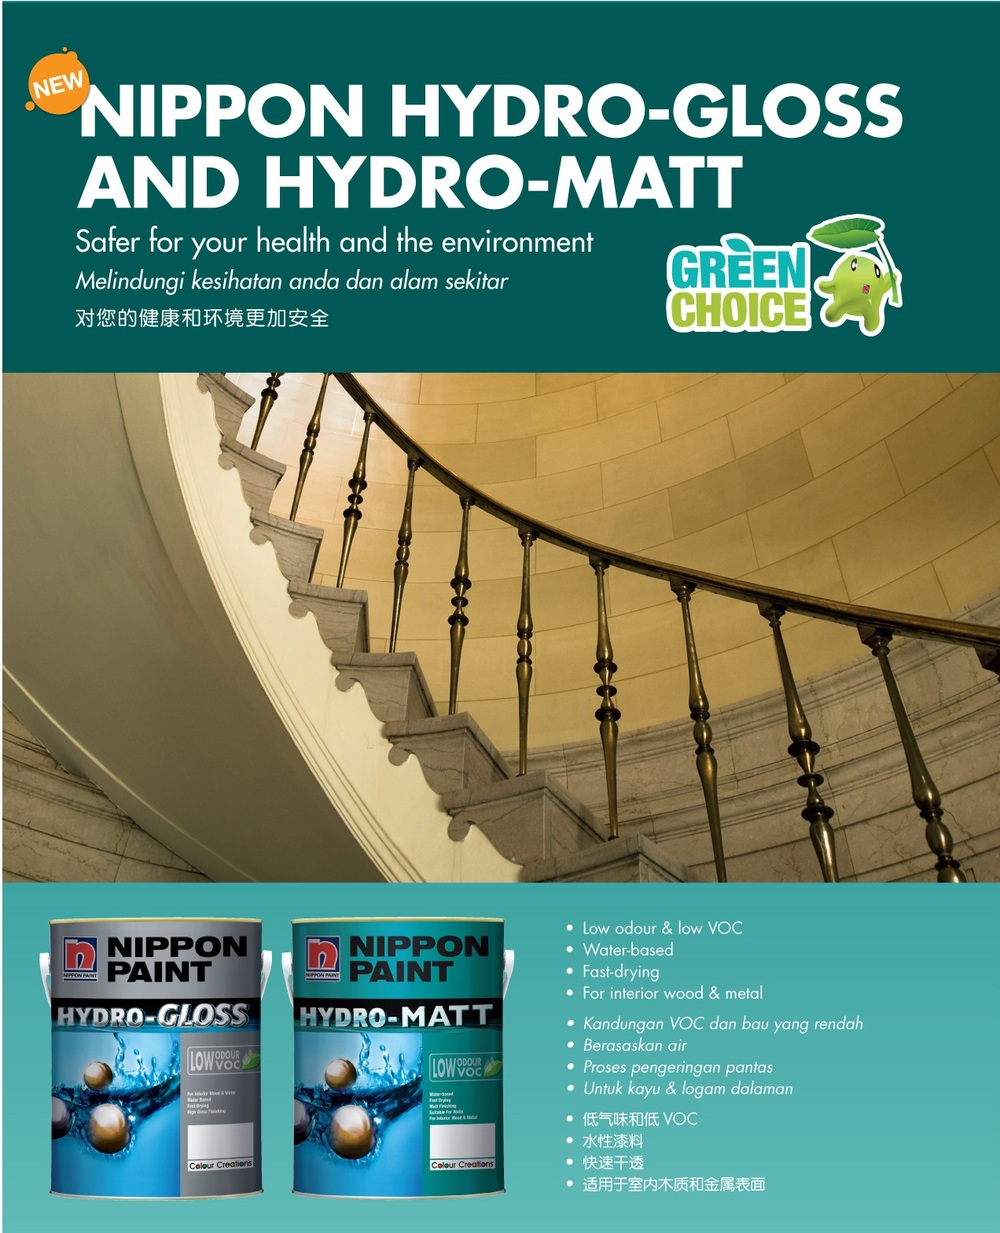 Hydro-gloss+hydro-matt